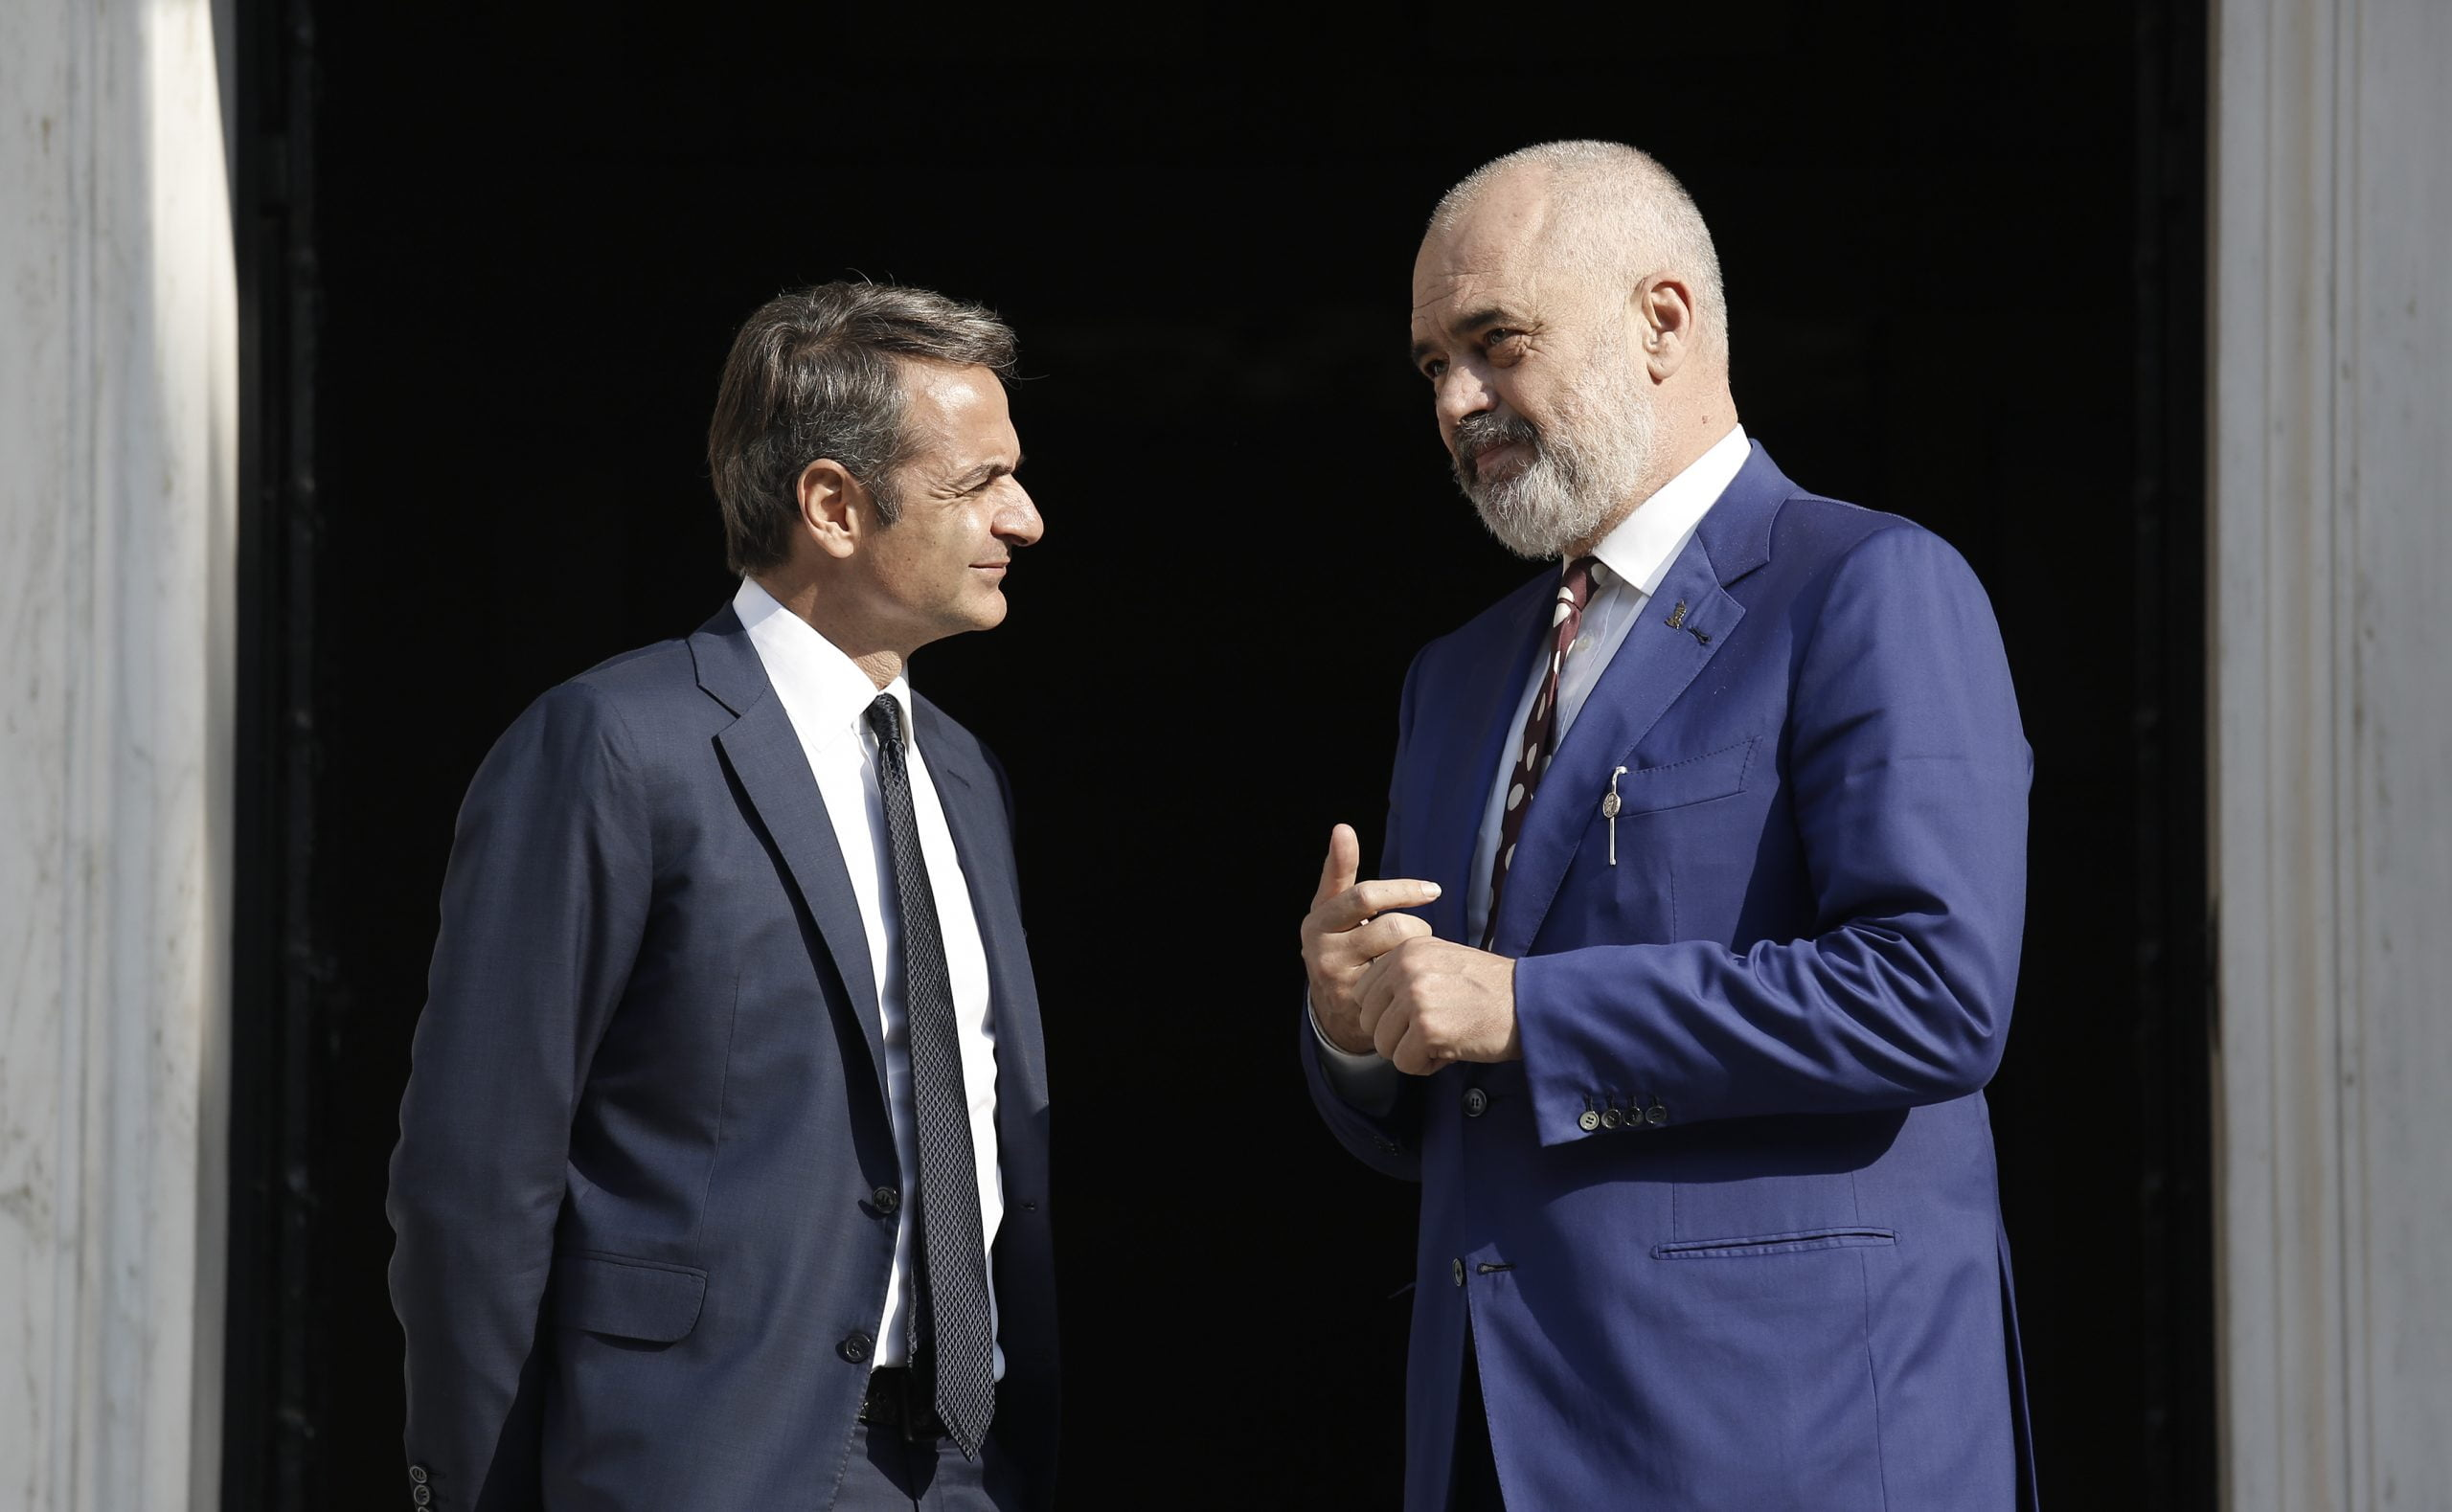 Μυαλό δεν βάζει η Αλβανία παρά τις συνεχείς «συστάσεις» Μητσοτάκη